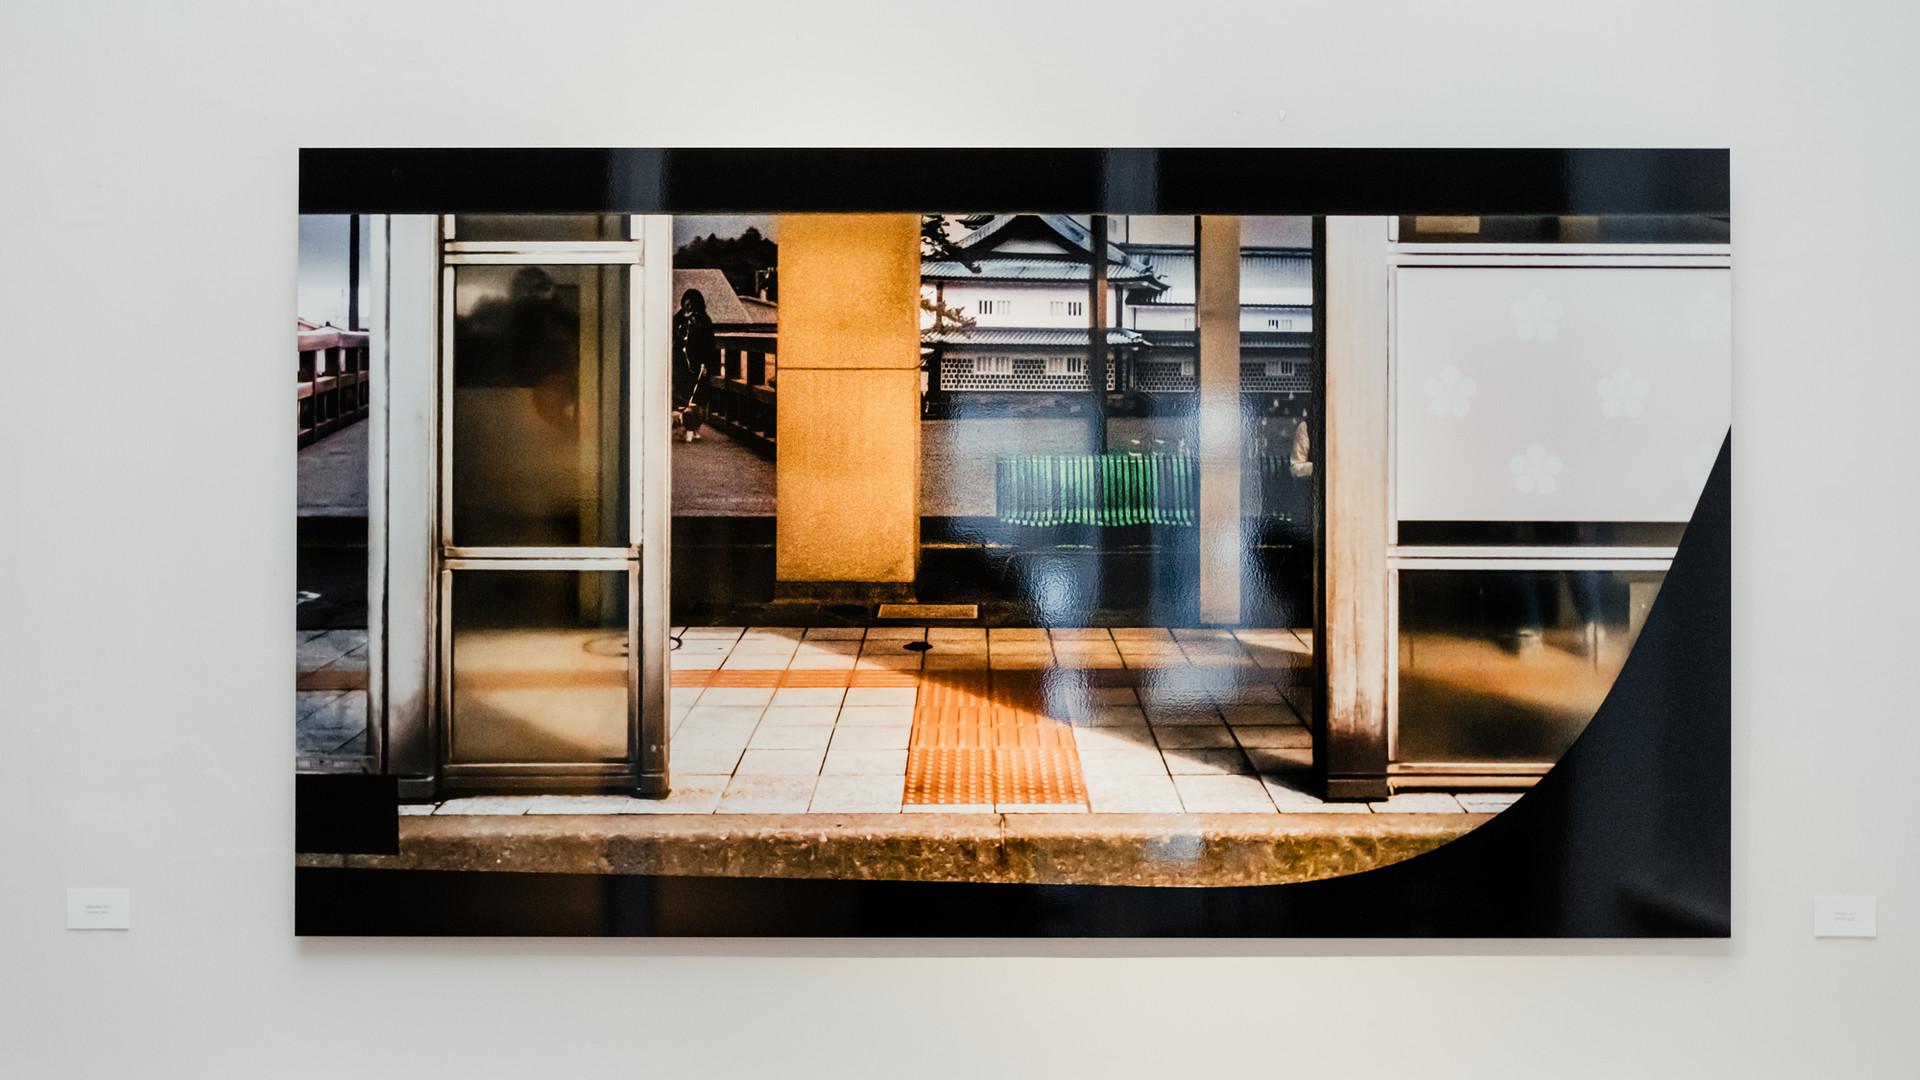 'Cityscape', 2016, Kanazawa, Japan